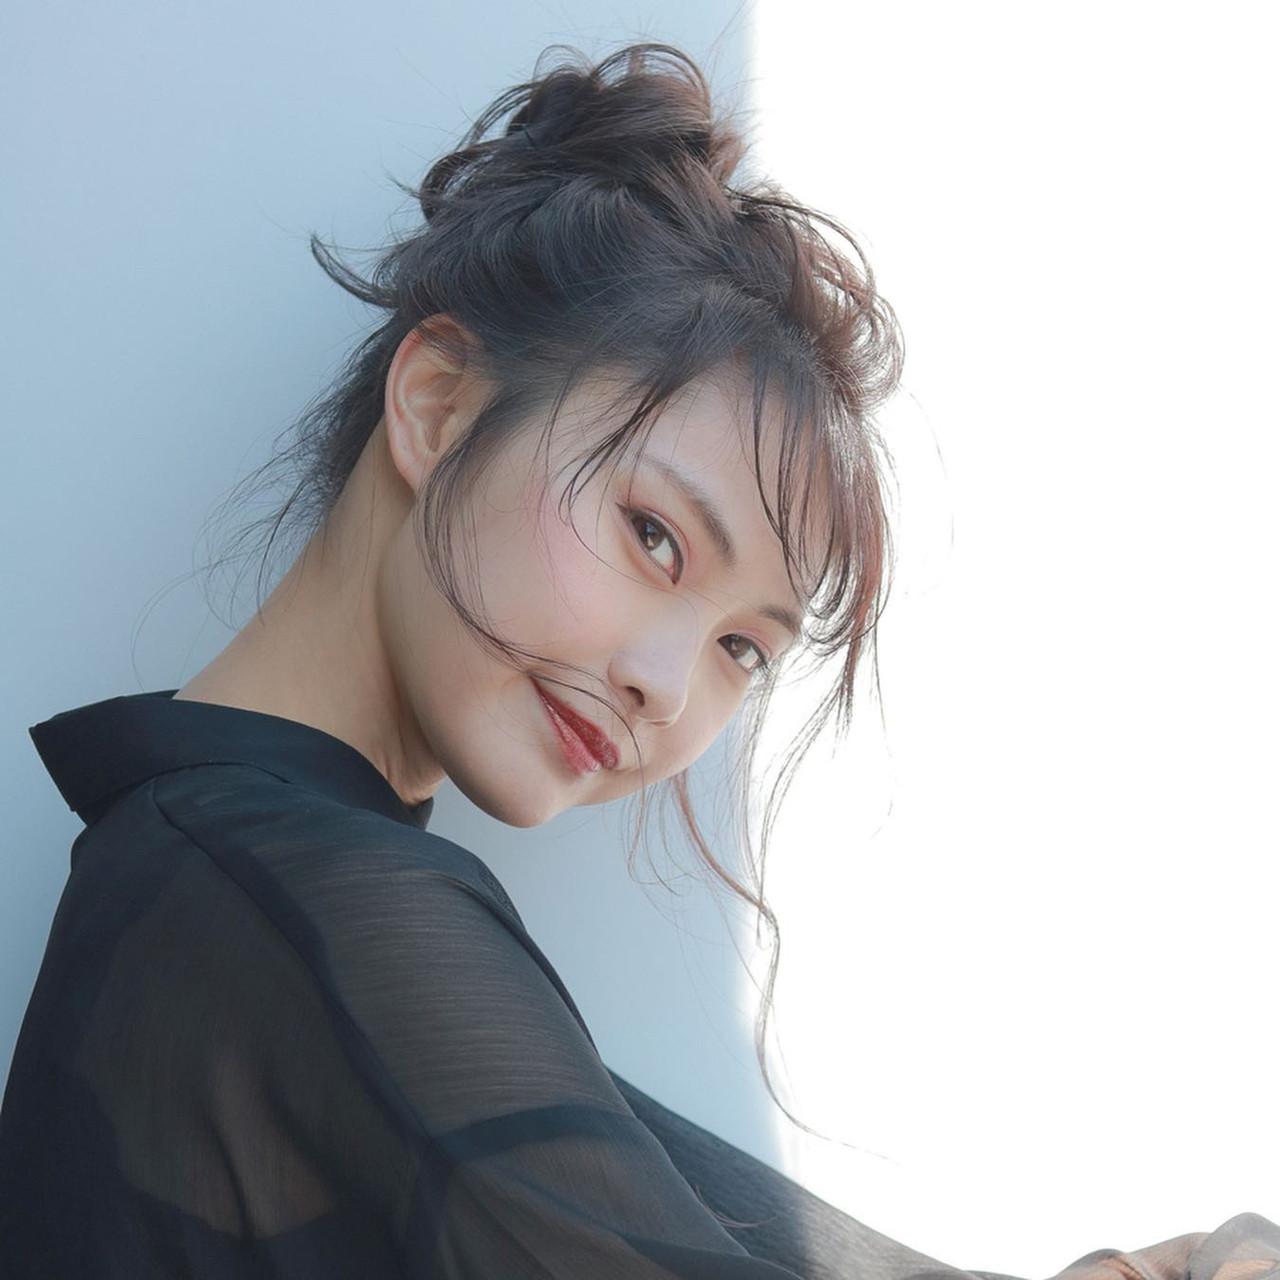 ナチュラル ヘアアレンジ お団子アレンジ 簡単ヘアアレンジ ヘアスタイルや髪型の写真・画像 | 成川 秀明 / cyan